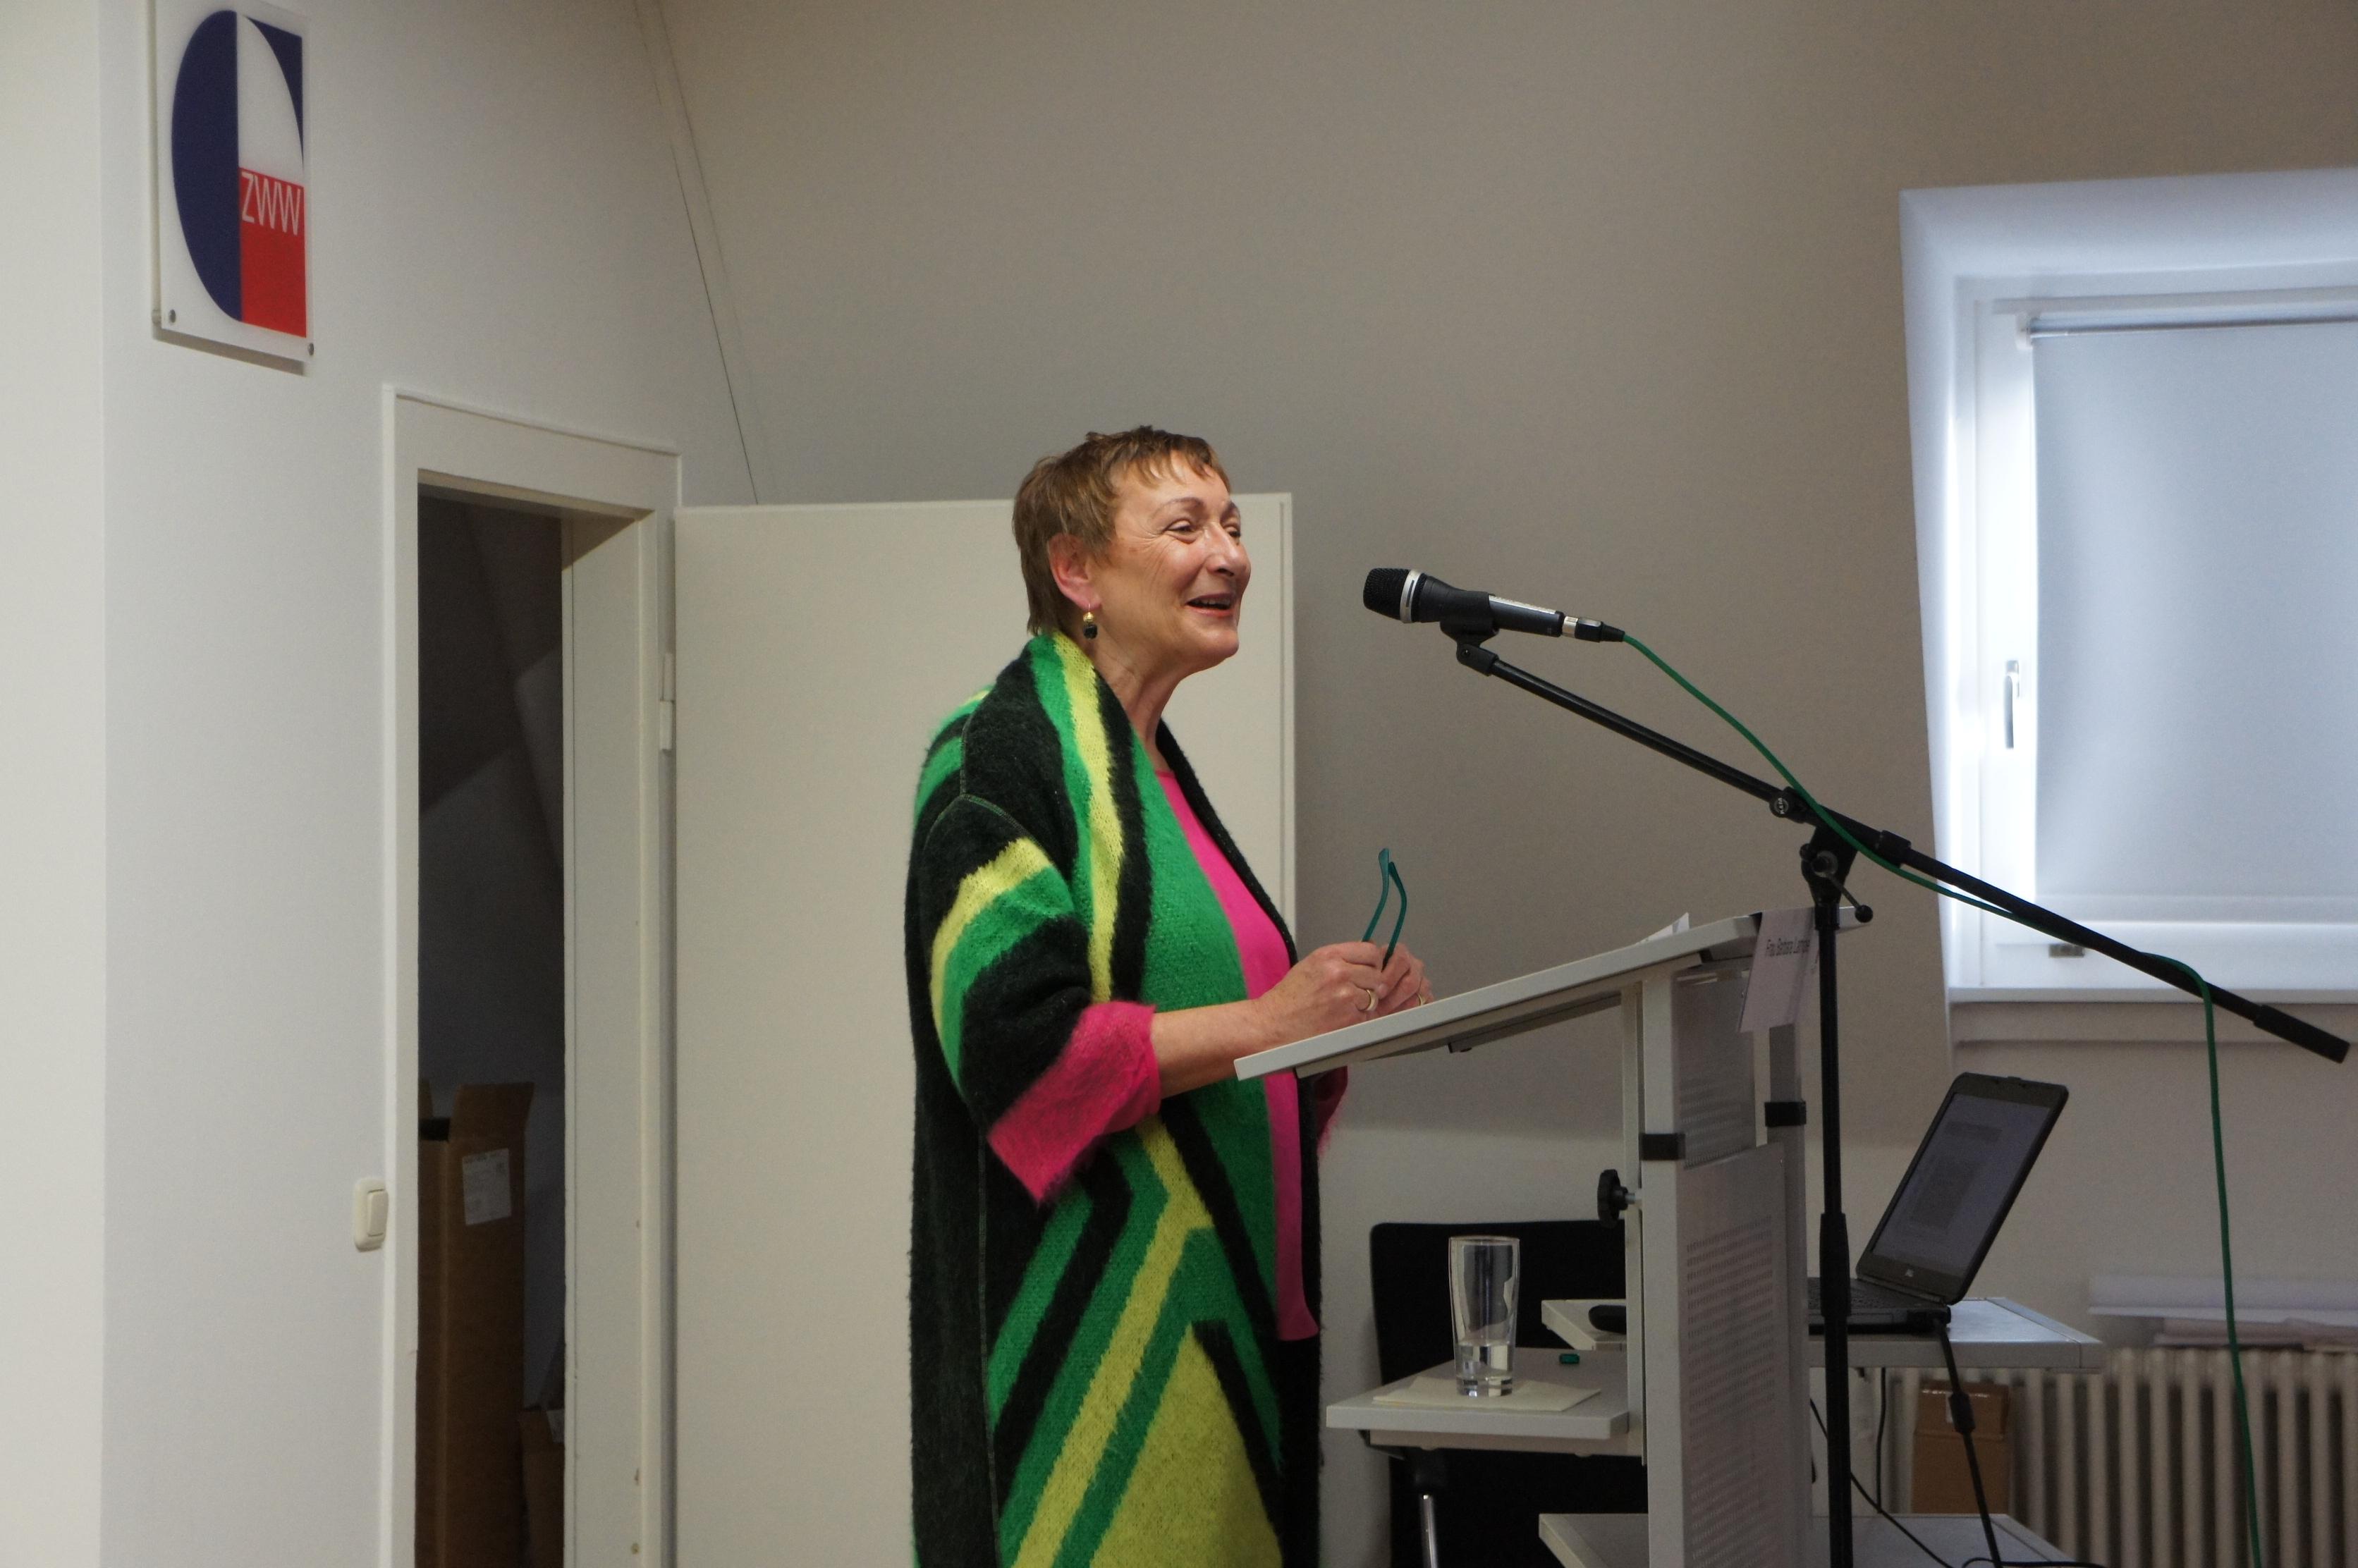 Barbara Lampe, nfb-Vorsitzende und stellvertretende Leiterin des ZWW, begrüßt die zahlreichen Gäste der Tagung.